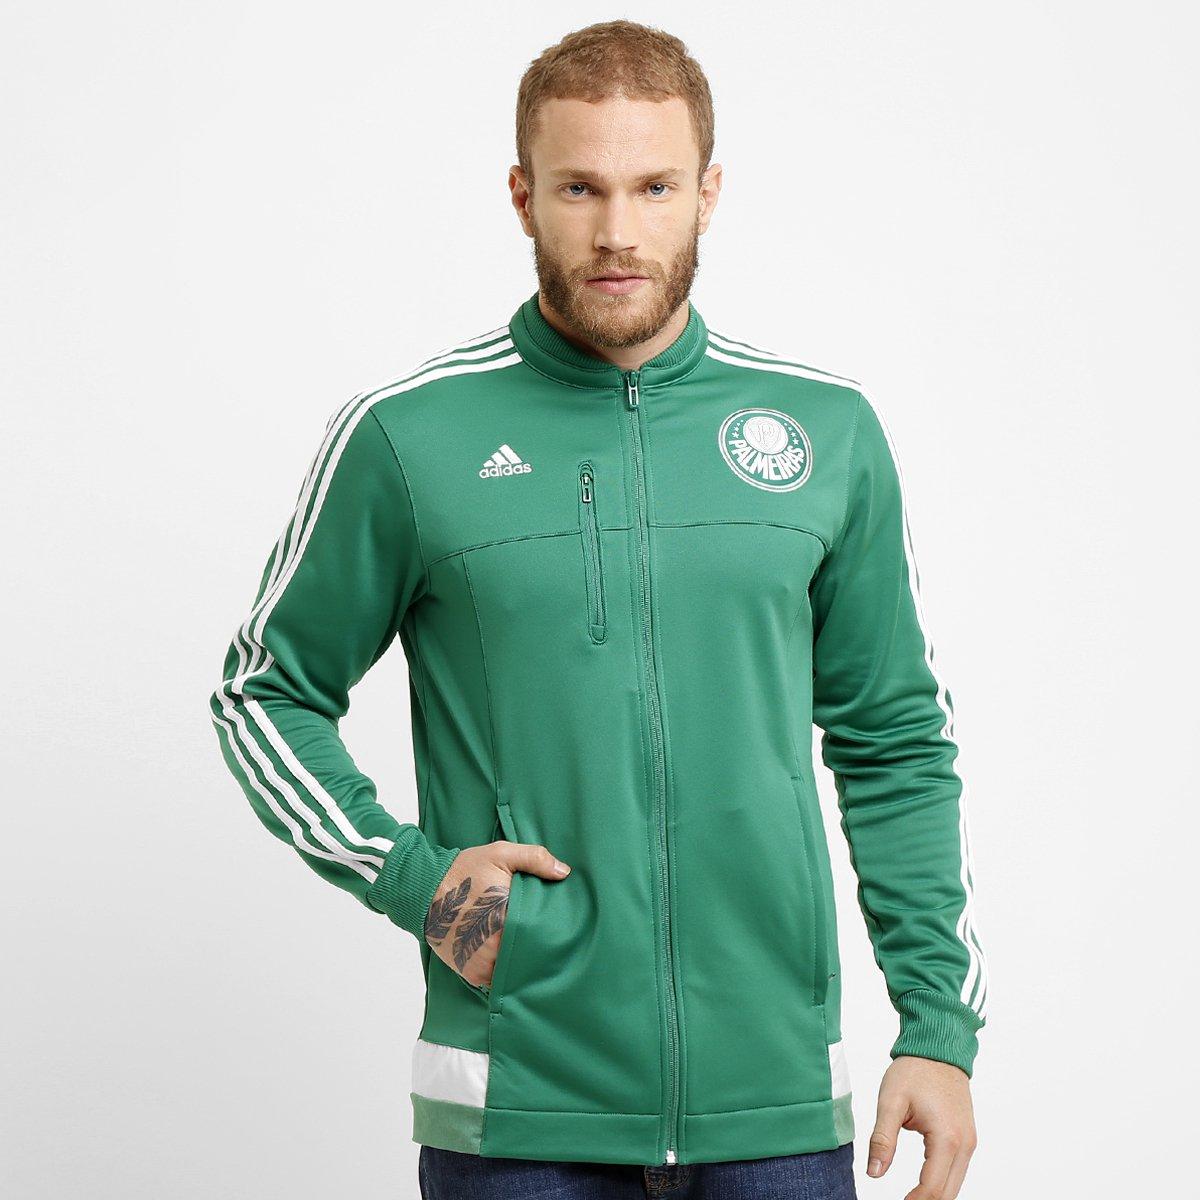 8f1d12f49d5 Jaqueta Adidas Palmeiras Hino - Compre Agora